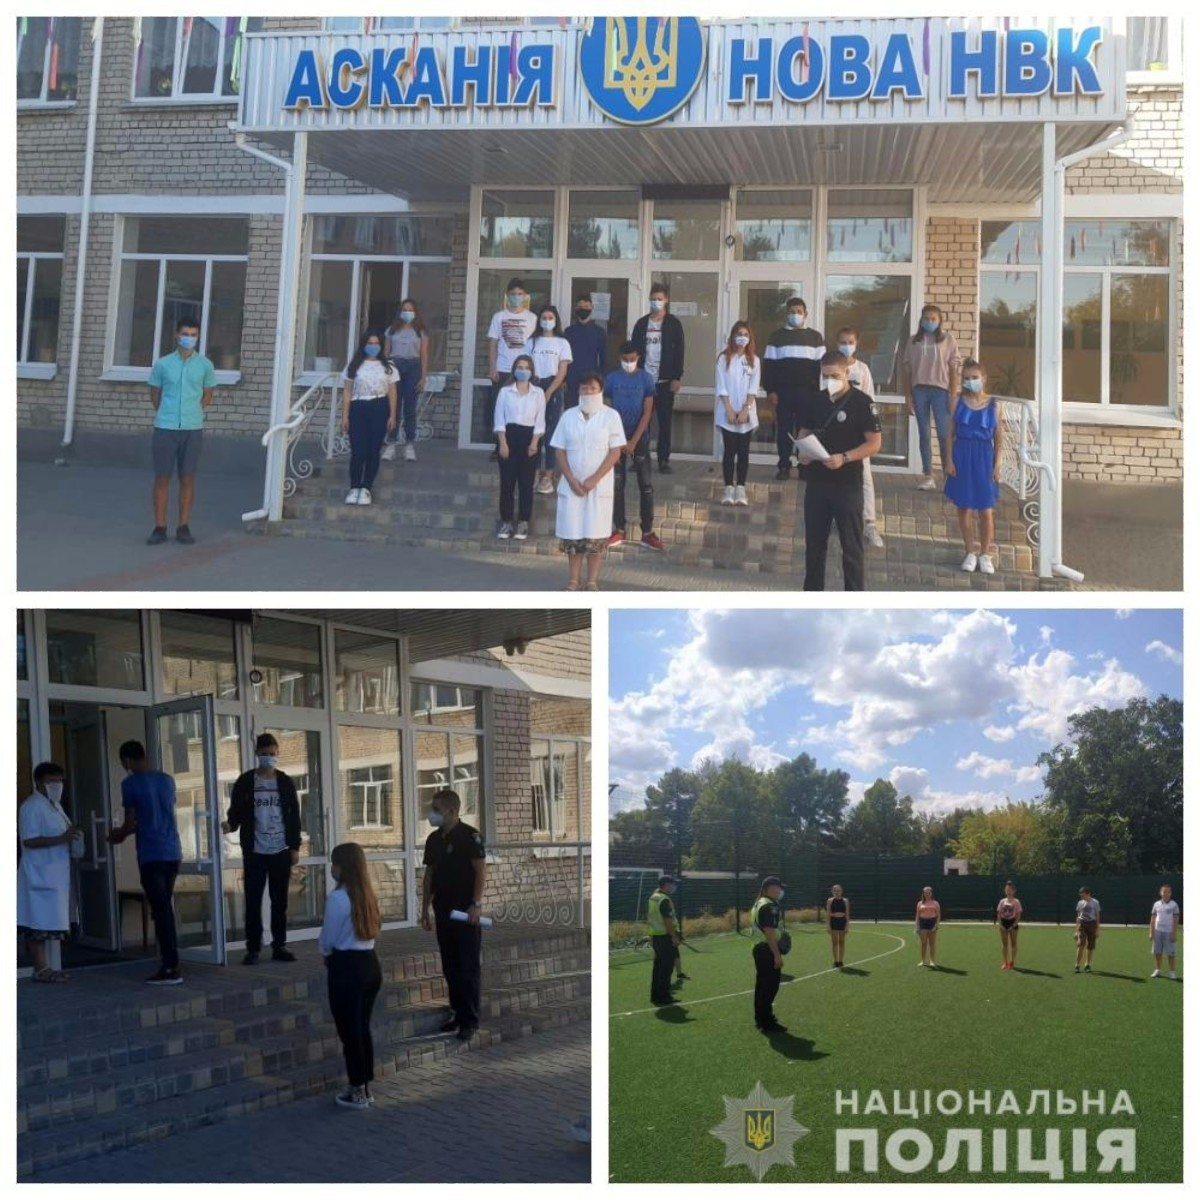 На Херсонщине полицейские проверяют соблюдение карантина в учебных заведениях